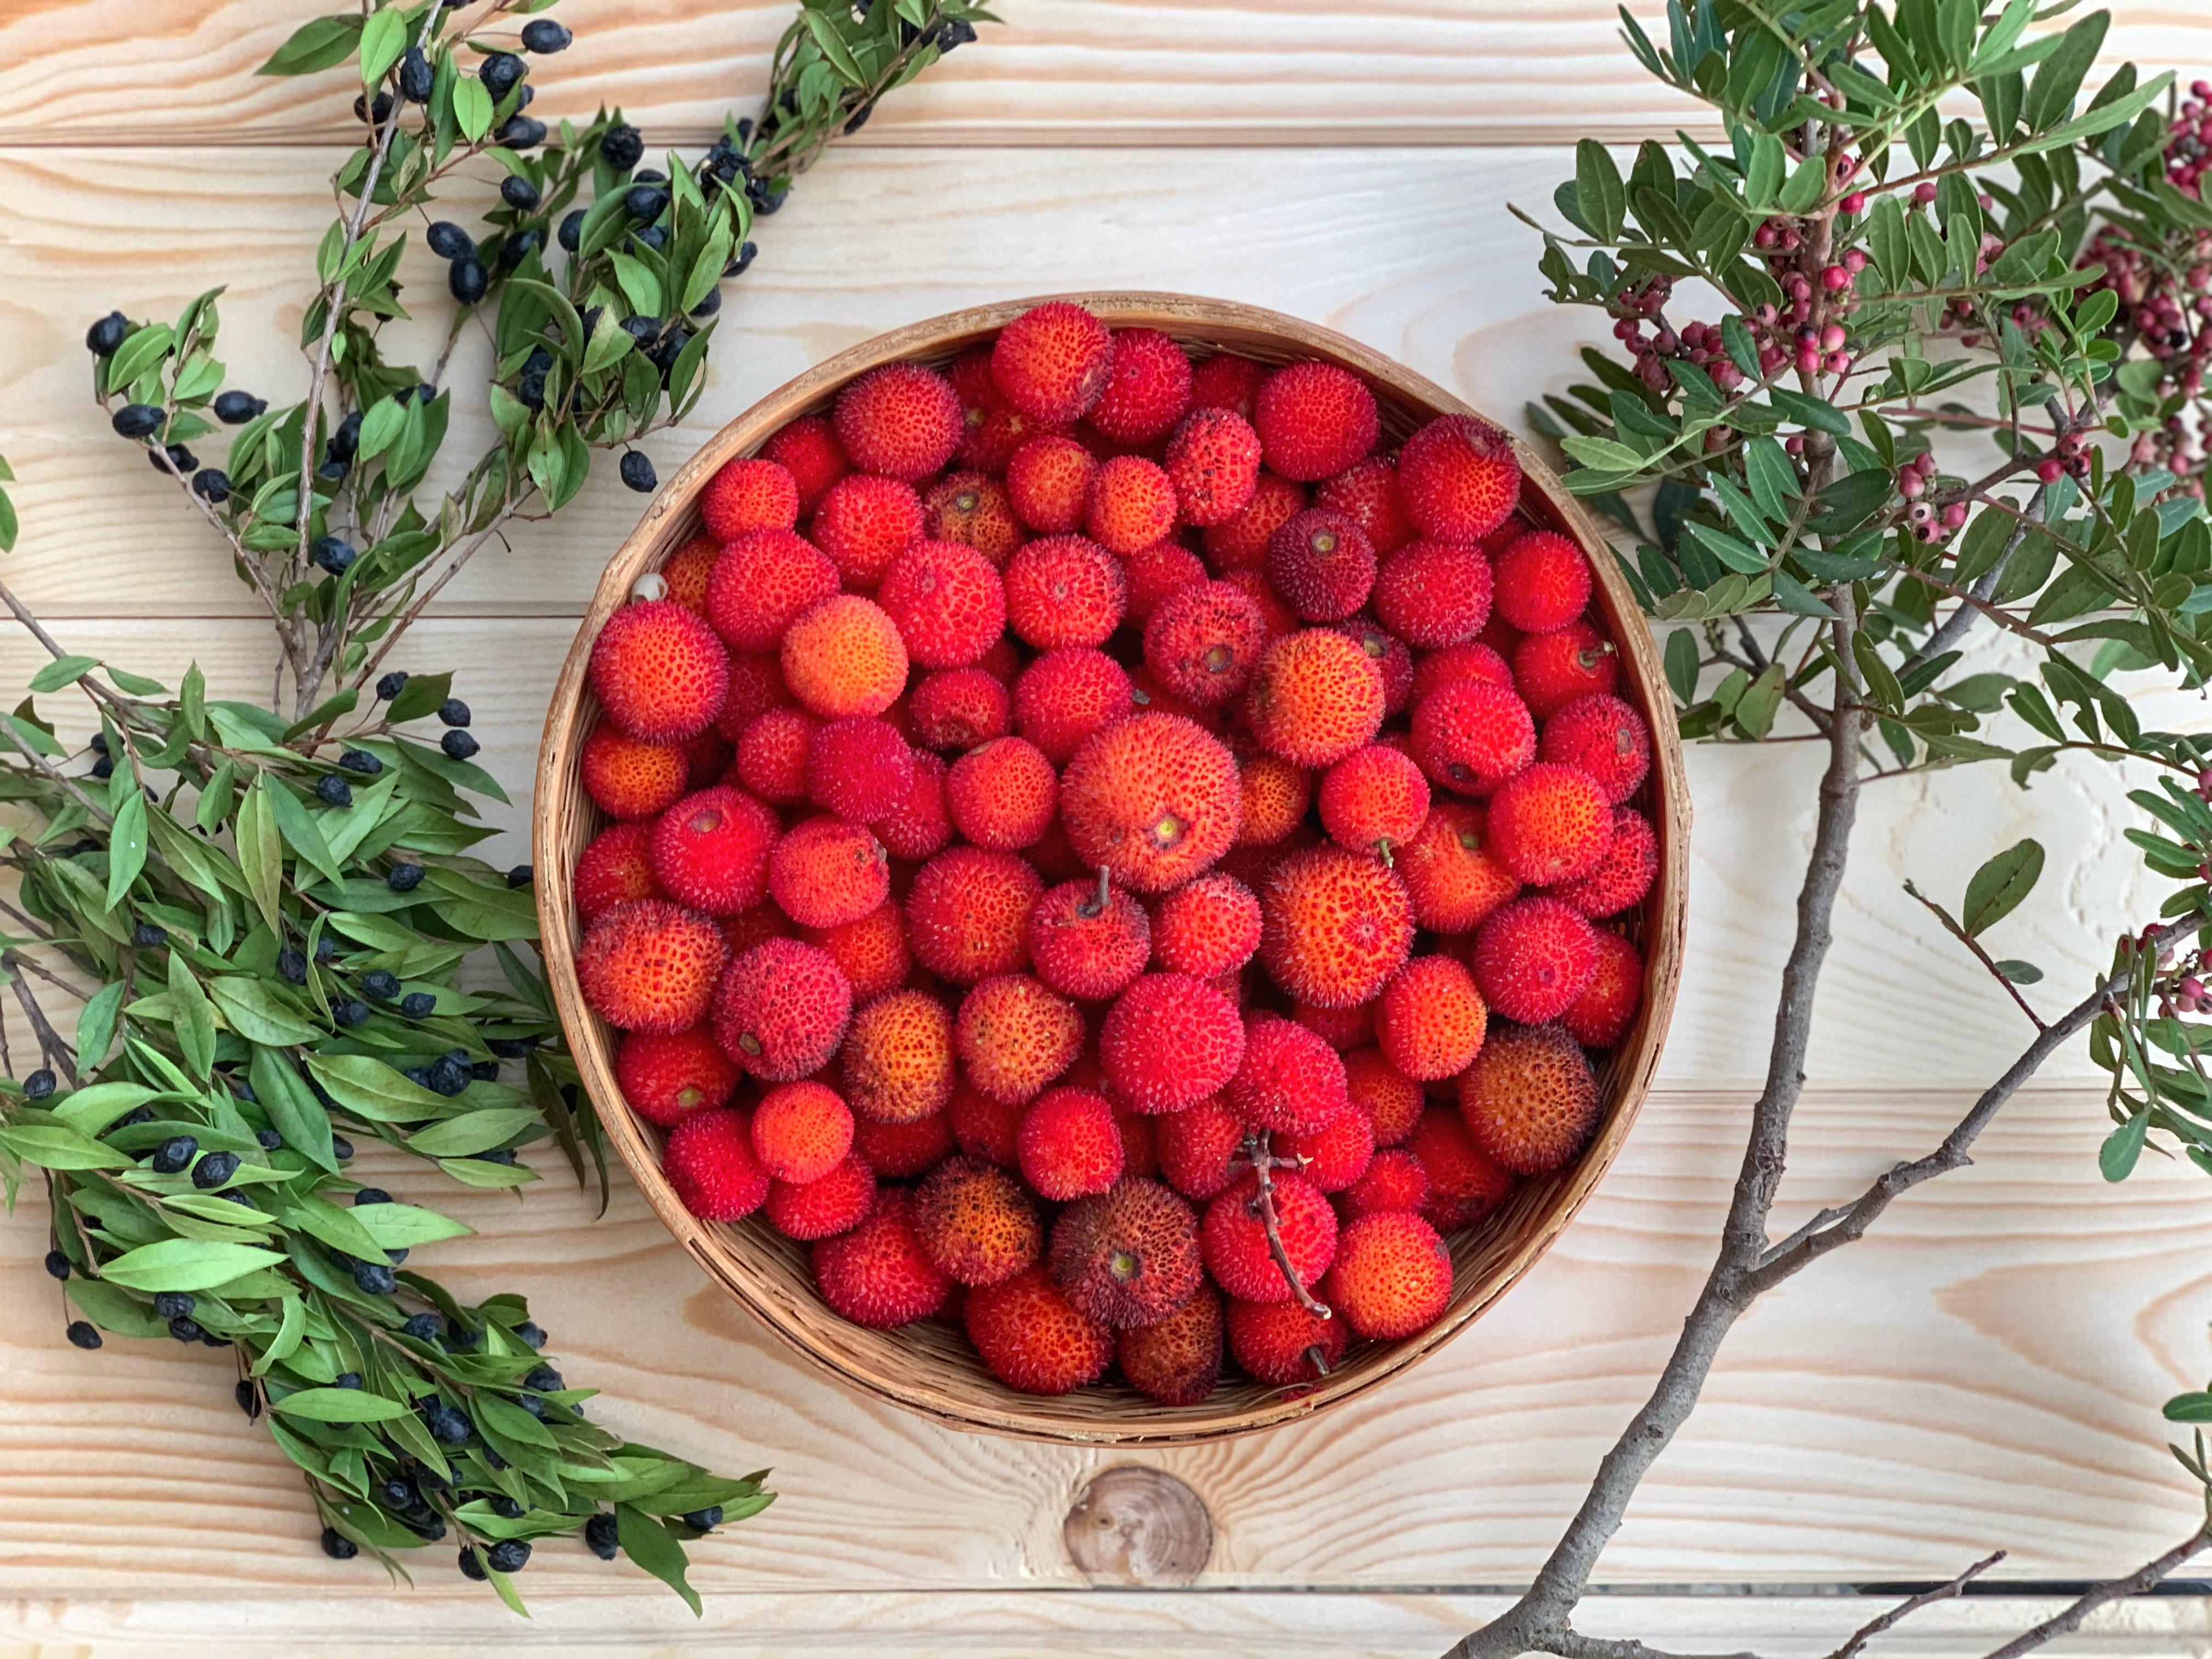 Corbezzole: dove trovare i frutti e come usarli al meglio in cucina